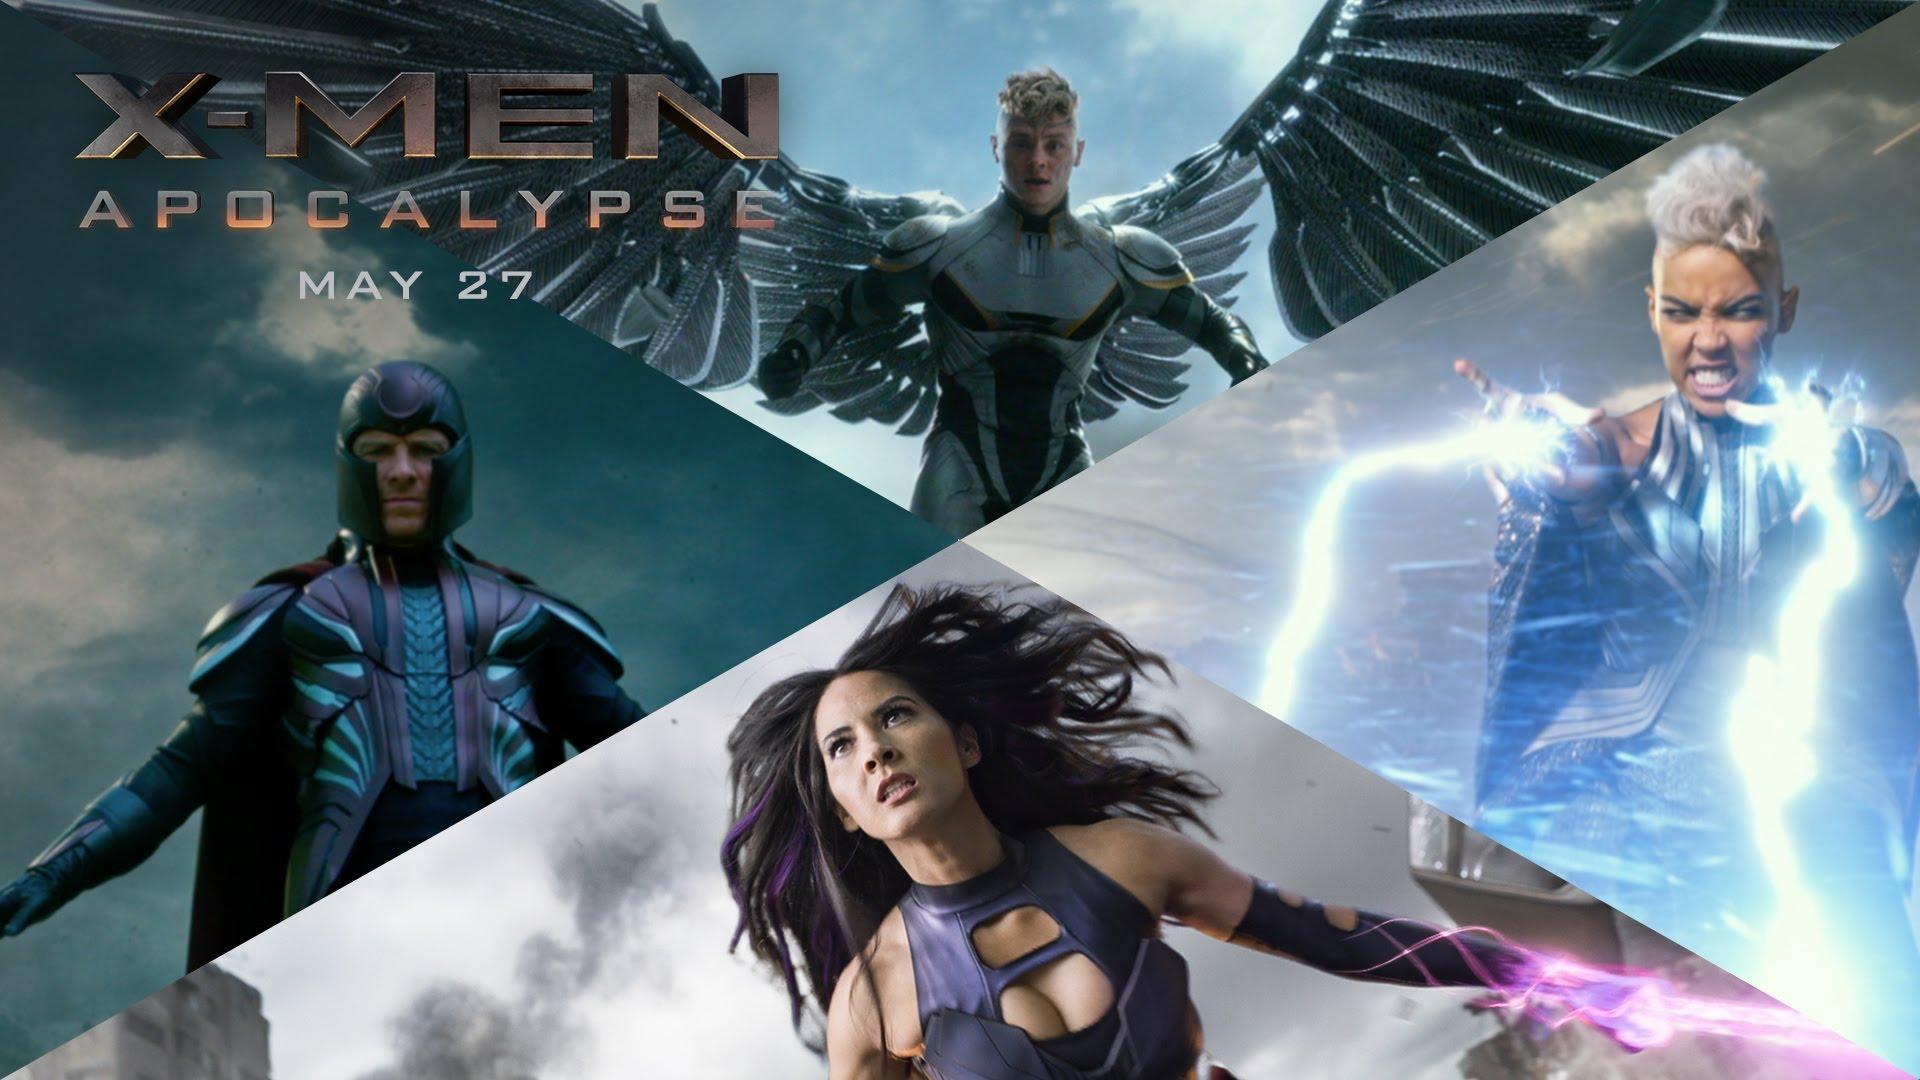 Sức mạnh đỉnh cao của 4 kị sỹ khải huyền trong X-Men: Apocalypse